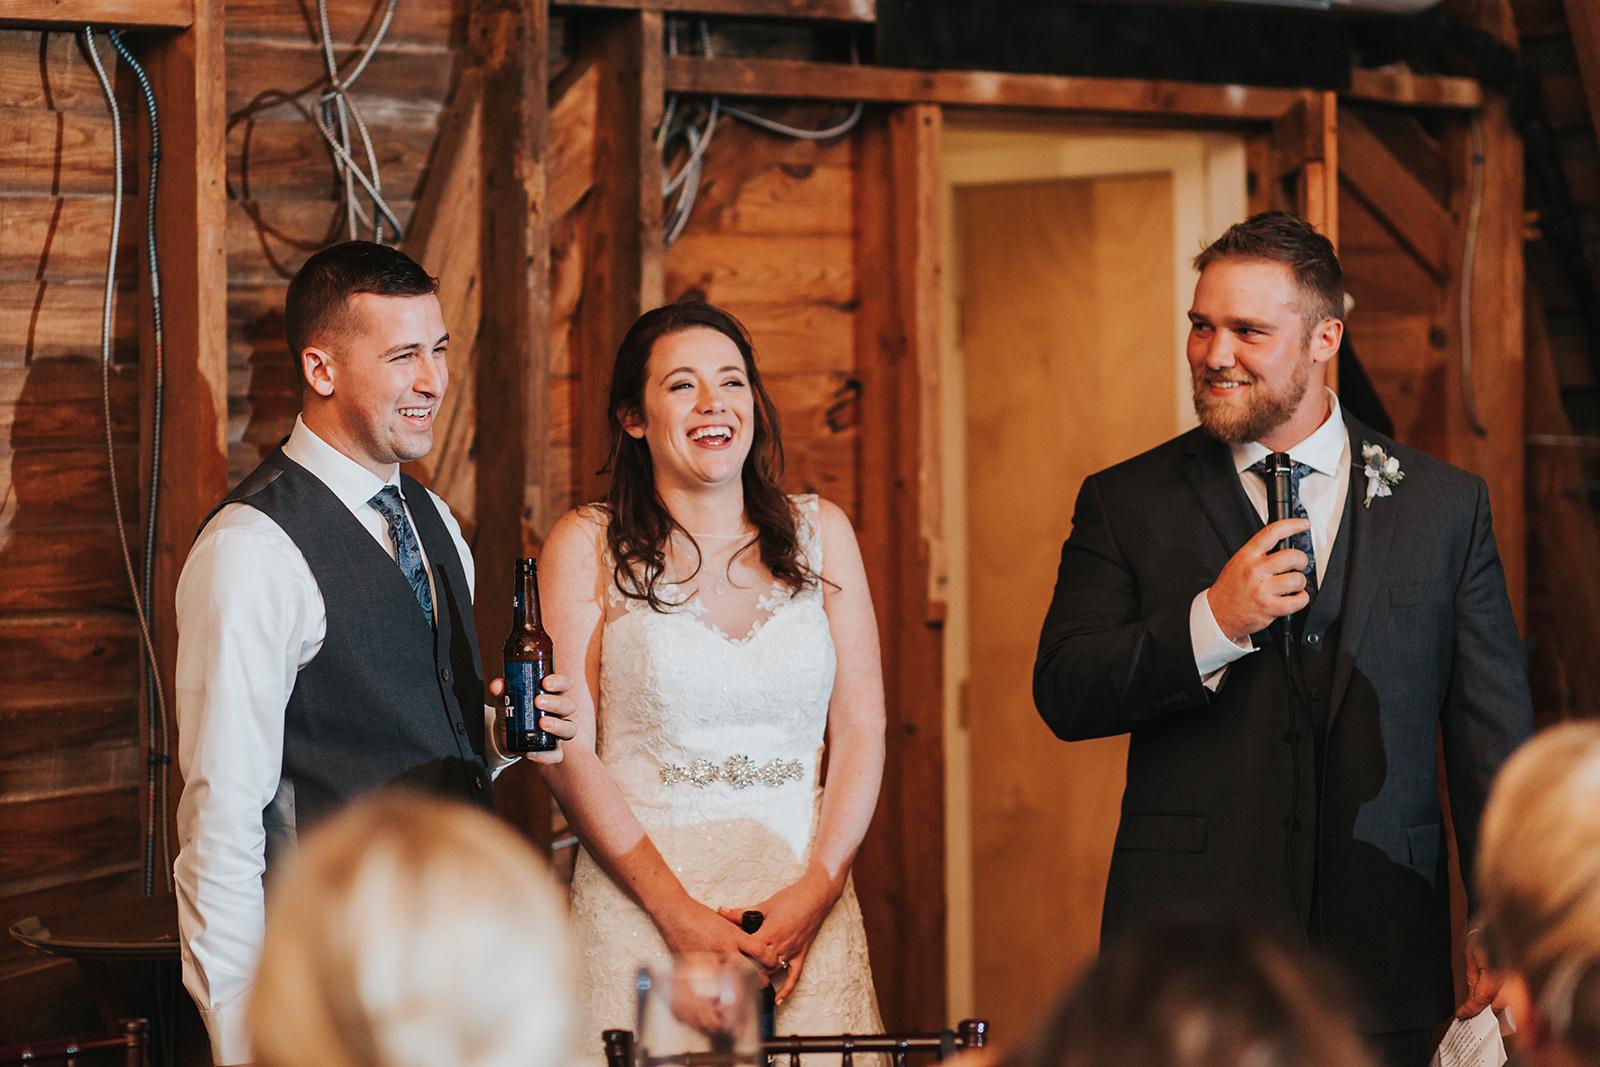 brielle-davis-events-48-fields-wedding-best-man-toast.jpg